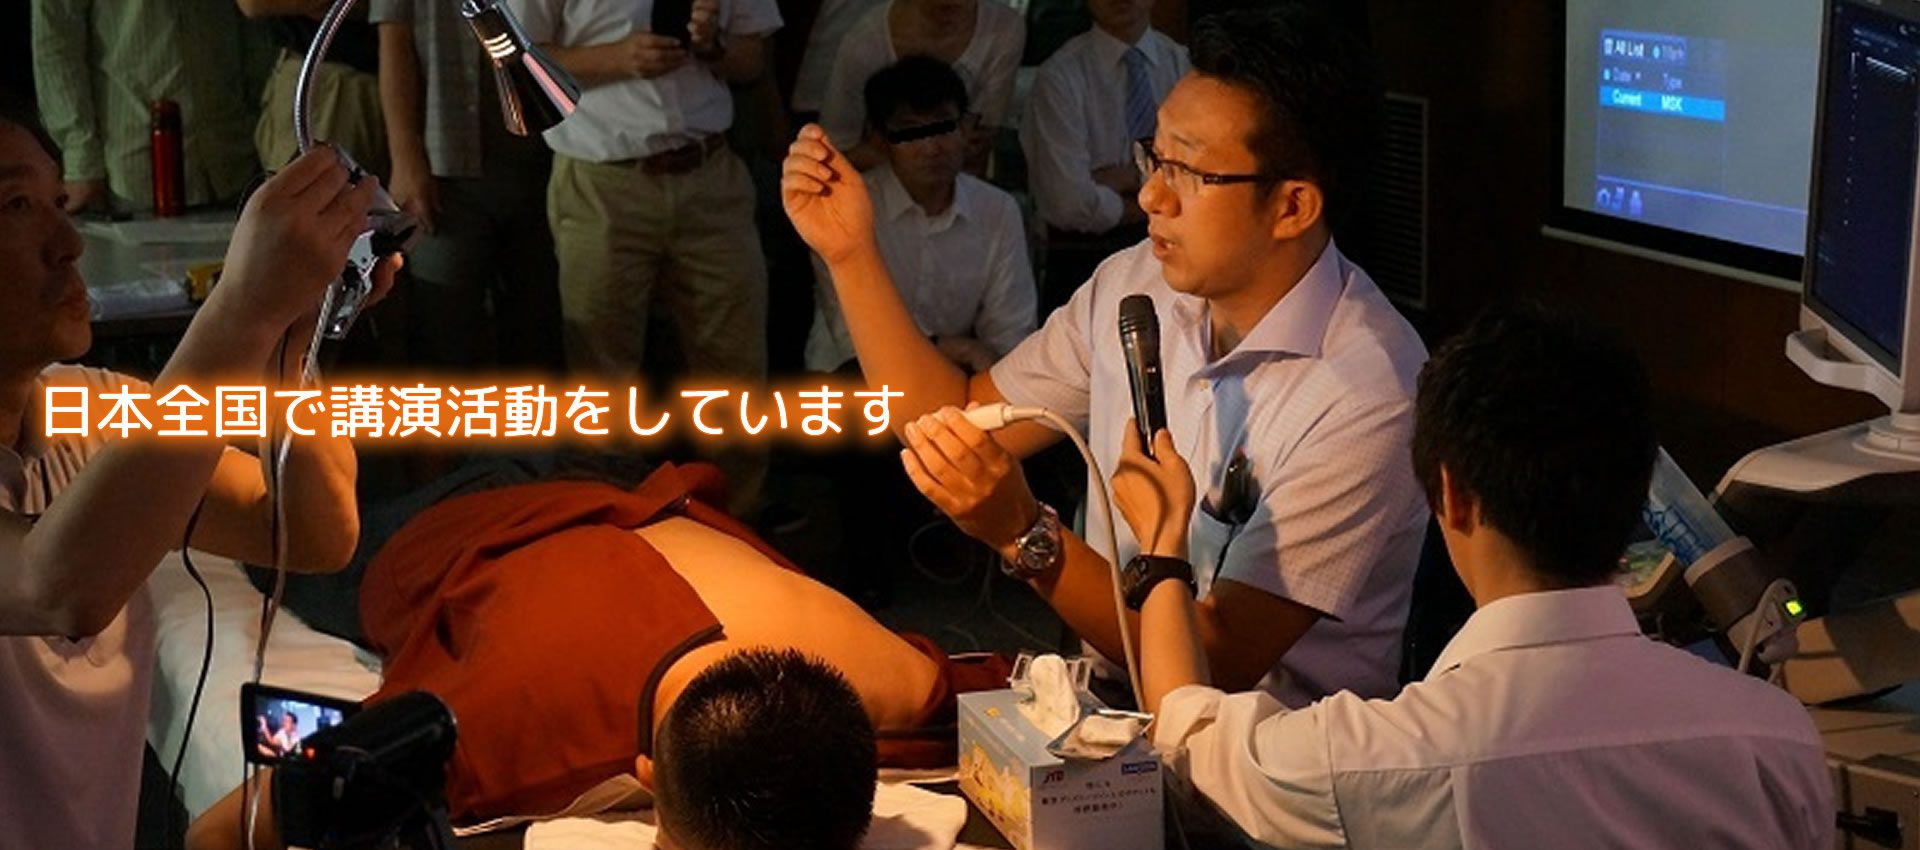 日本全国で講演活動をしています